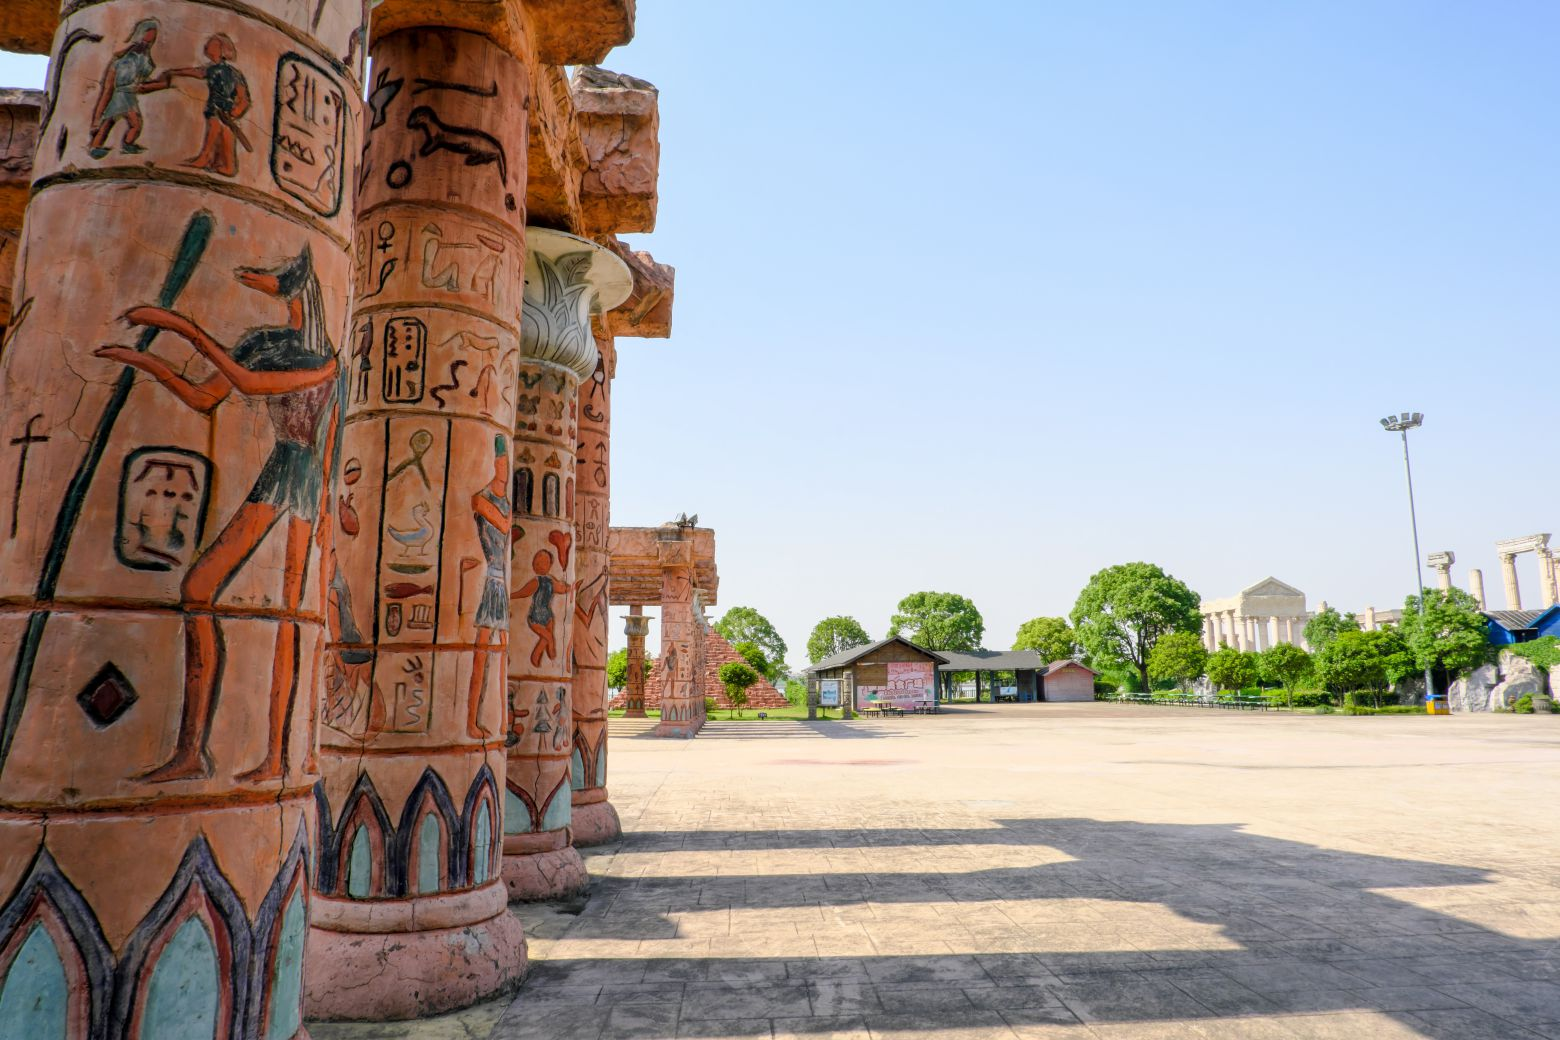 古埃及柱子背景装饰图像 - 免费可商用图像